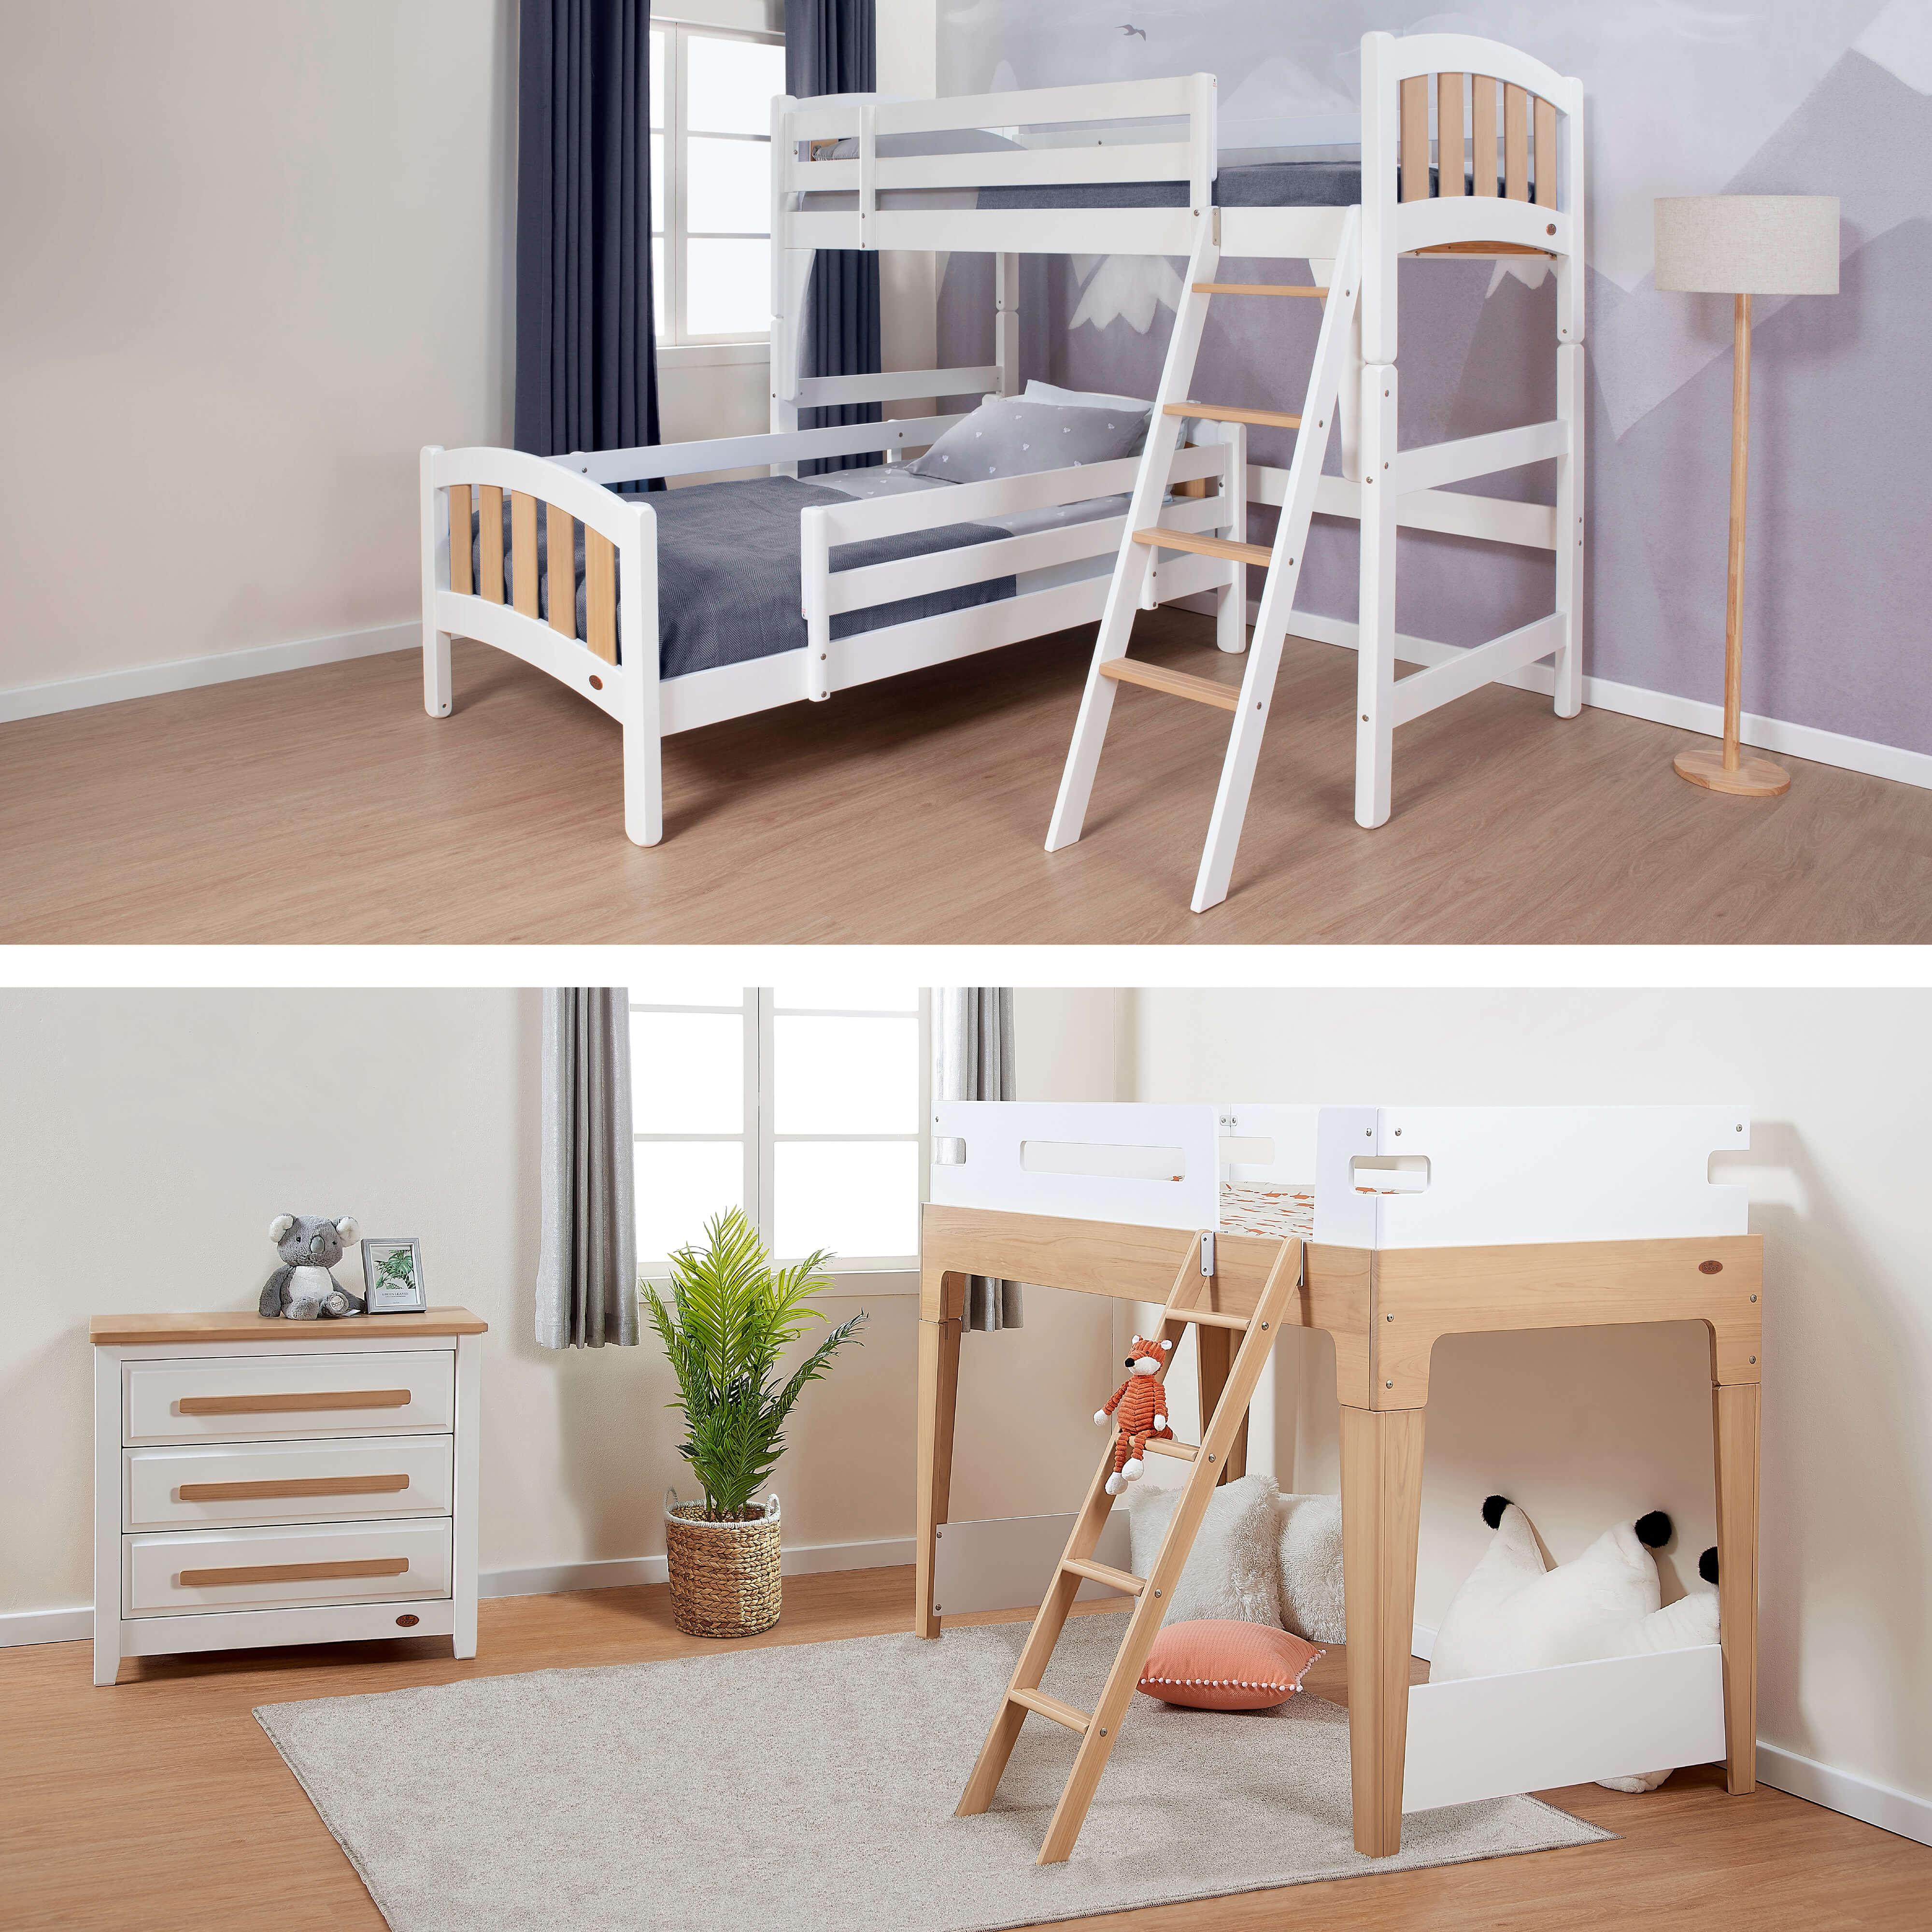 Loft beds lifestyle images